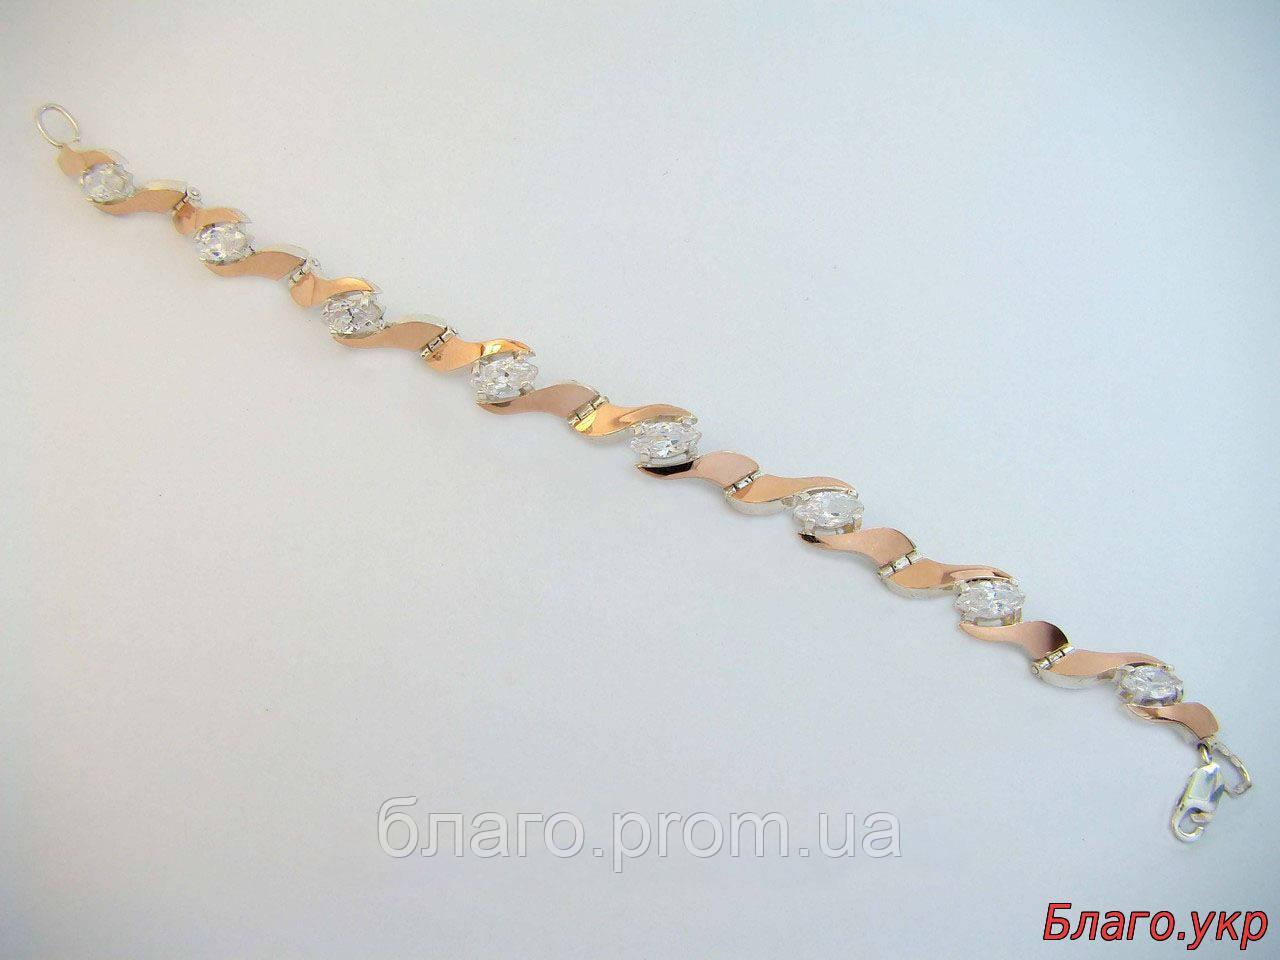 """Браслет """"Розетта"""" серебряный с золотыми накладками женский, фото 1"""